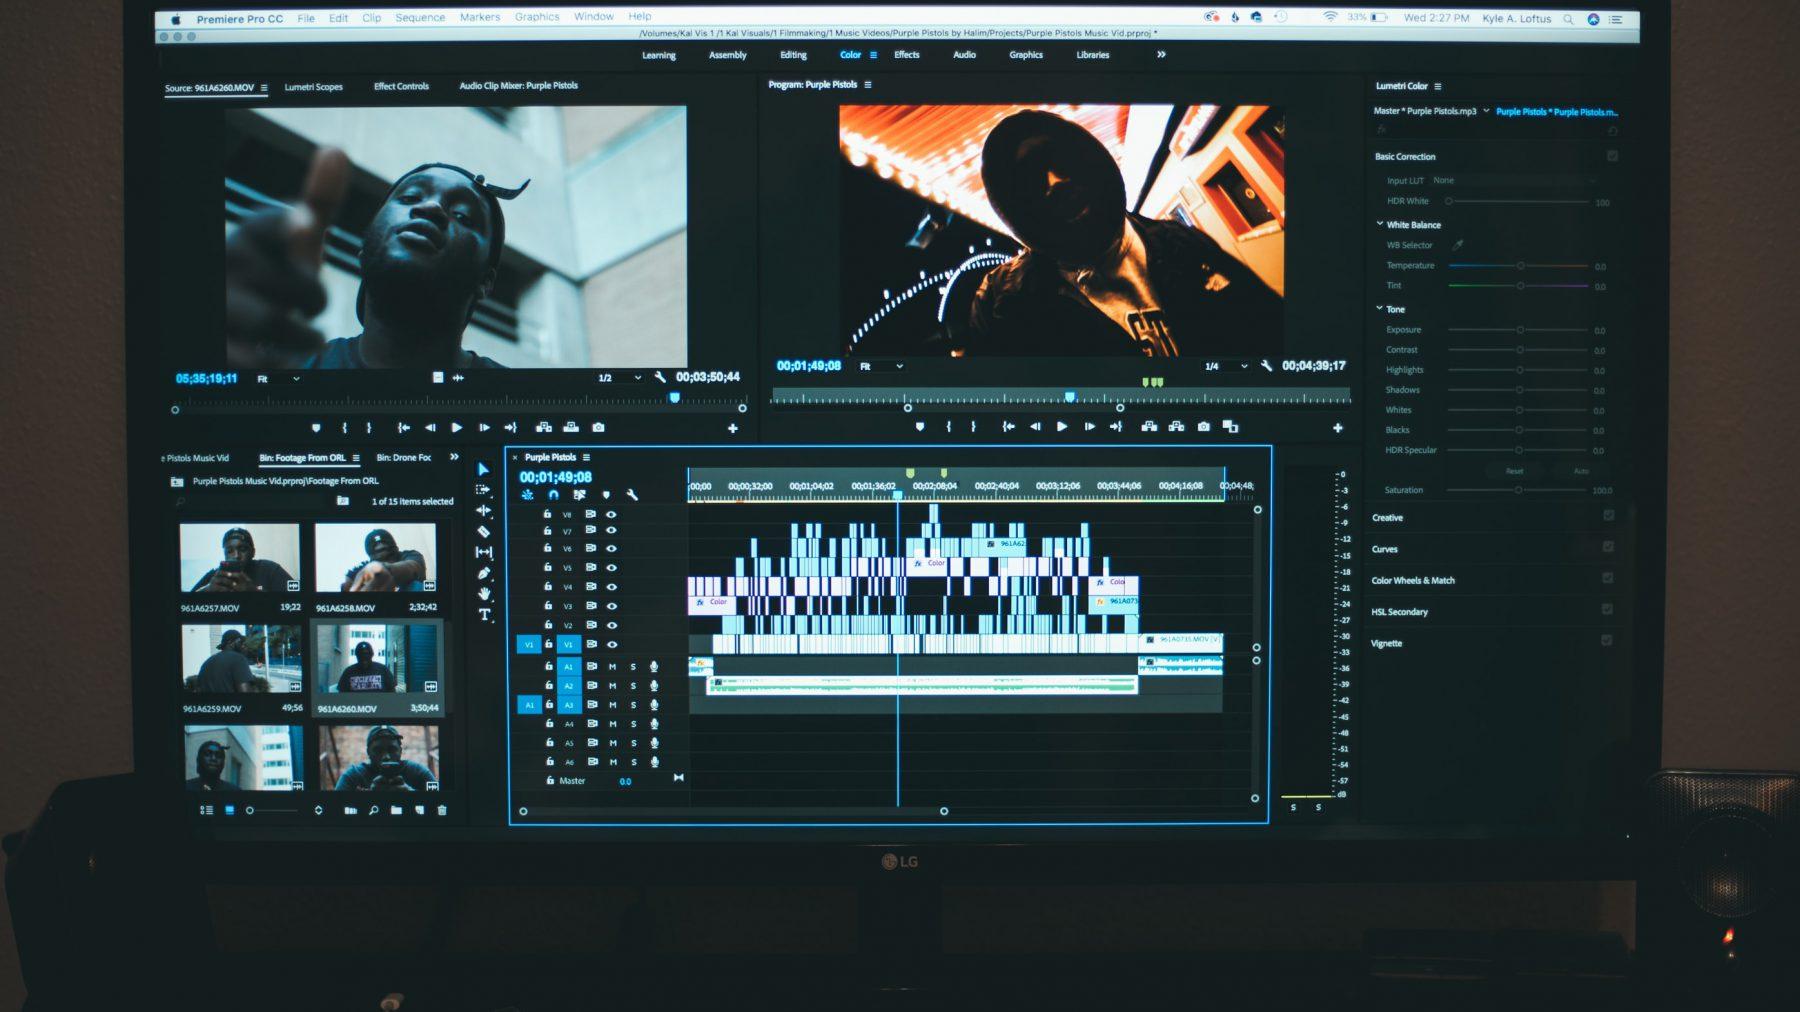 影音剪輯 / 使用 ffmpeg 分割影片 (指定開始及結束時間或固定時間長度分割)